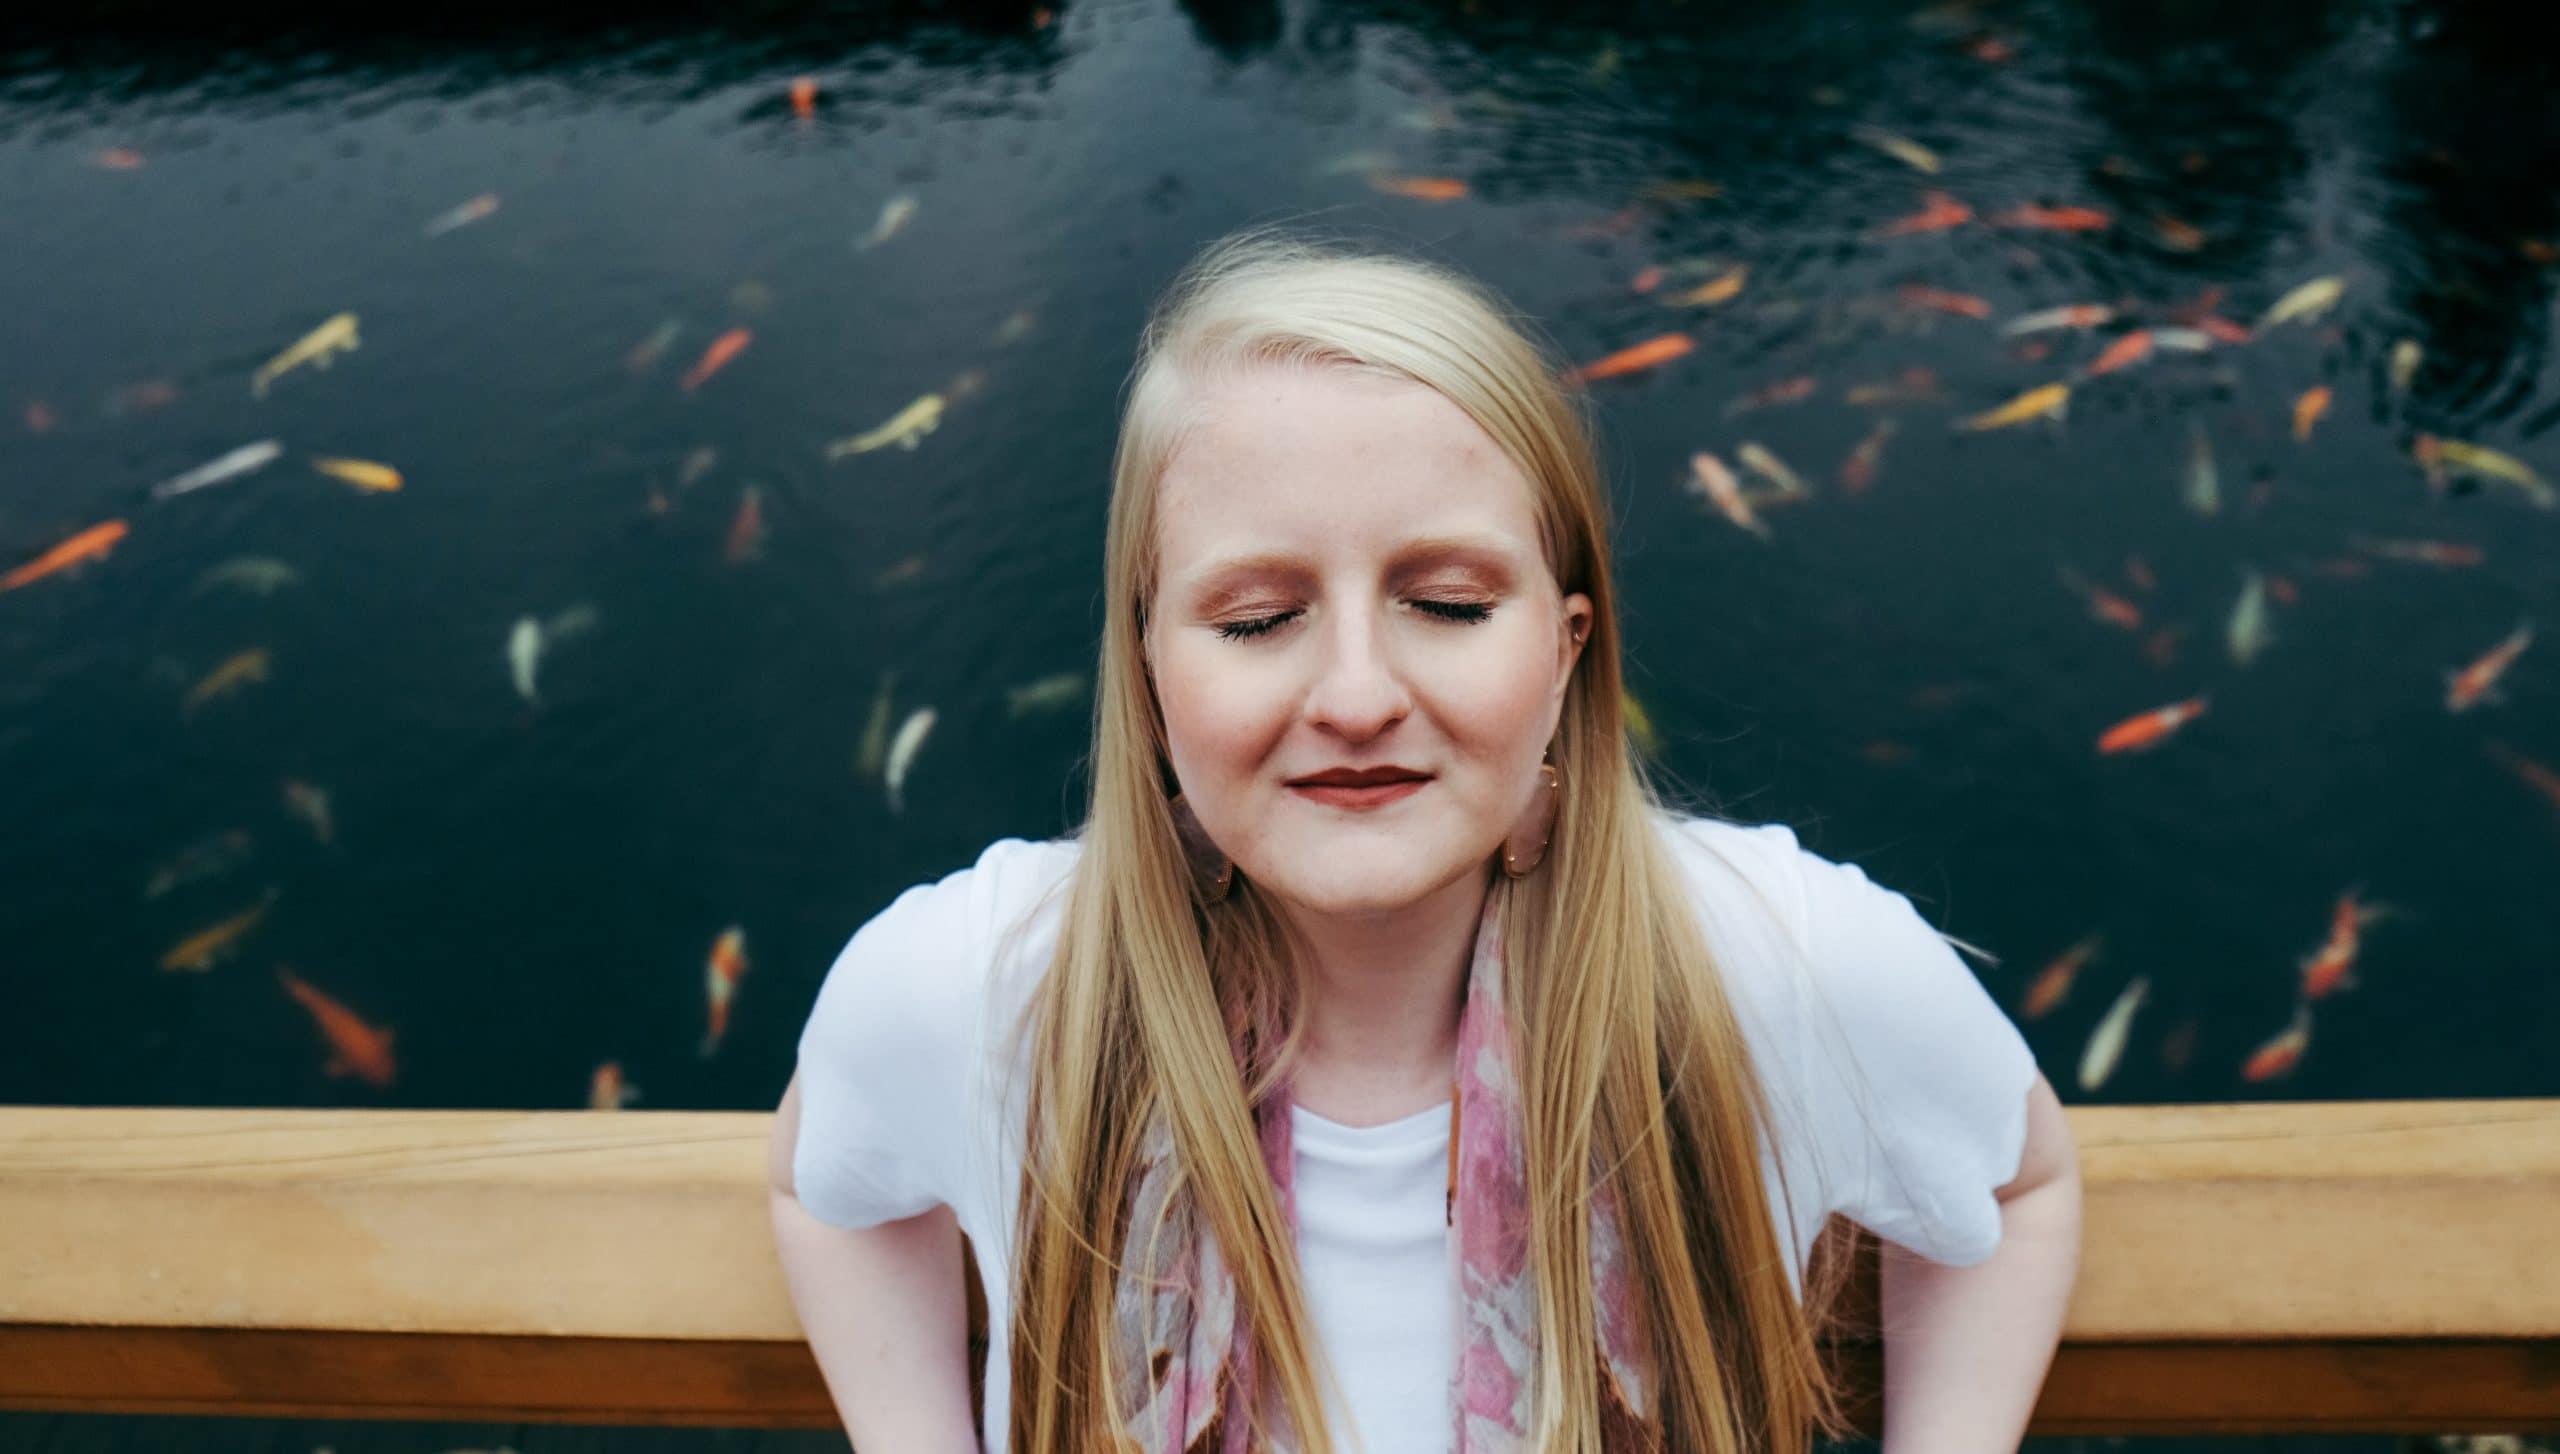 Mulher de olhos fechados de frente com rio e peixinhos ao fundo